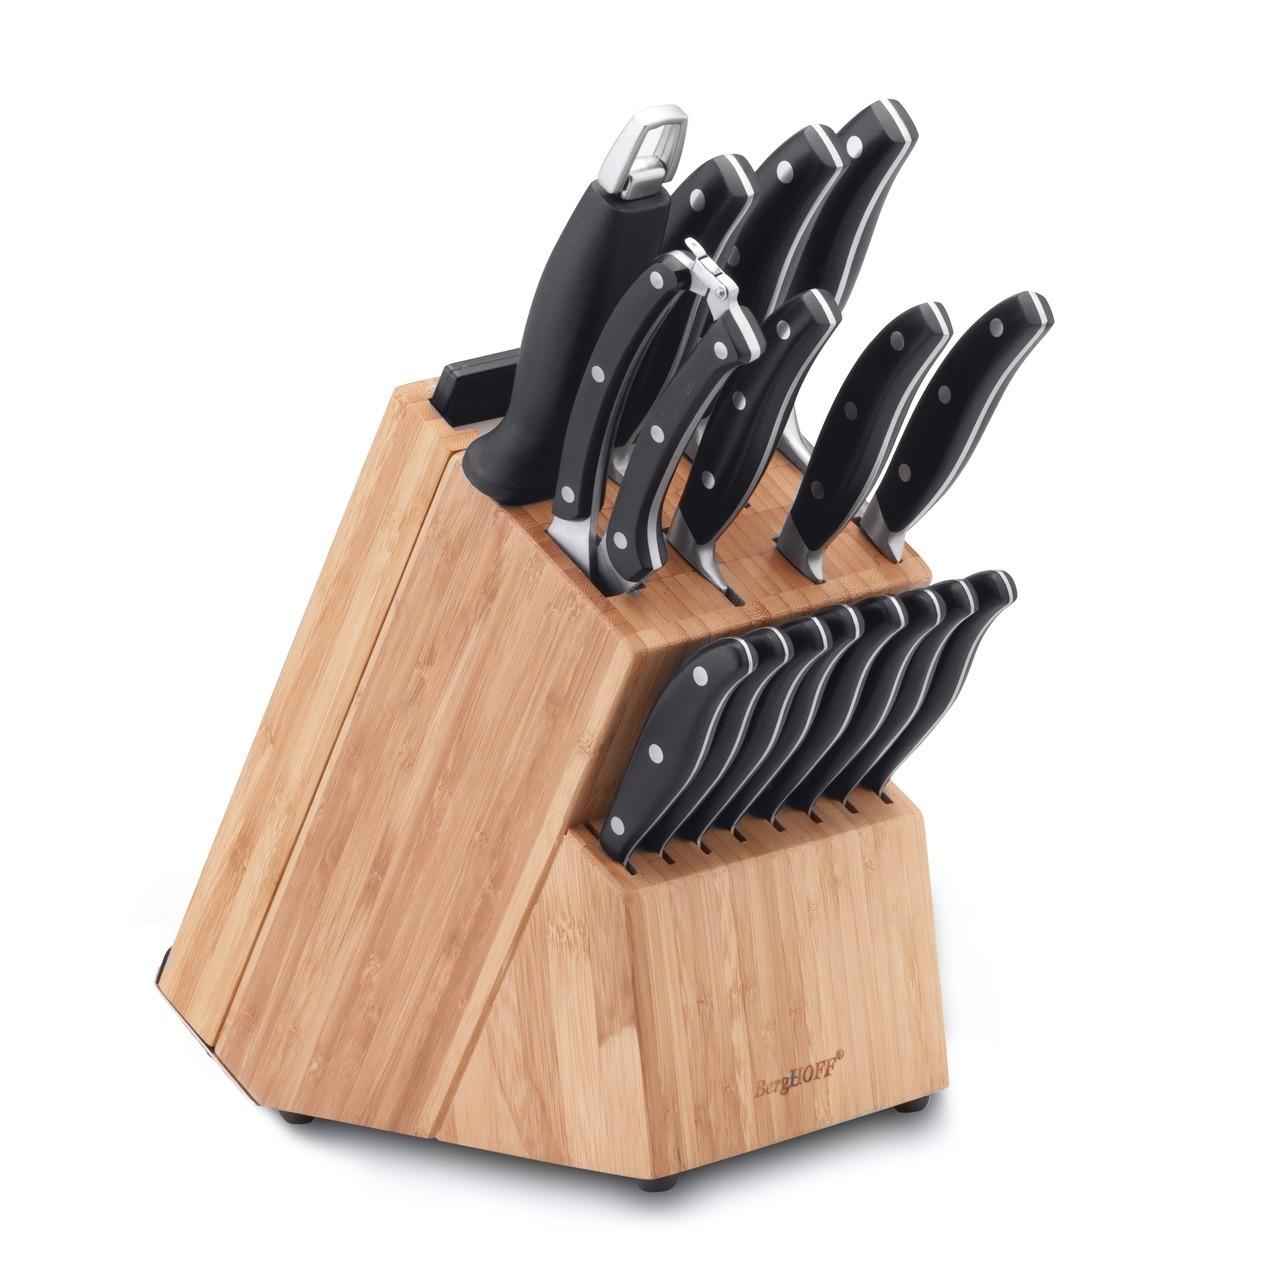 Набор ножей из 20 предметов BergHOFF Forget 1320014Наборы однослойных ножей (от-2300руб.)<br>Набор ножей из 20 предметов BergHOFF Forget 1320014<br><br>Состав набора:1x нож для очистки 8 cm8x ножи для стейка 12 cm1x универсальный нож 12,5 cm1x нож Сантоку 12,5 cm1x нож Сантоку 18 cm1x нож для хлеба 20 cm1x поварской нож 20 cm1x мусат 20 cm1x ножницы для разделки птицы 24,5 cm1x бамбуковая разделочная доска1x Полипропиленовая (Полипропилен) разделочная доска черная1x Полипропиленовая (Полипропилен) разделочная доска белая1x деревянная колода<br><br>Универсальный набор ножей для всех кулинарных задач.Нож для очистки - маленький и легкий, с прямой режущей кромкой. Это по-настоящему универсальный нож, идеальный для очистки и других мелких работ. Часто используется для очистки фруктов и овощей, которые можно держать в руках. Если другие ножи используются на кухне для приготовления ингредиентов, ножи для стейка пригодятся уже за столом, когда стейк или другие мясные блюда уже готовы. Универсальный нож идеален для всех нарезочных работ, требующих точности. Нож Сантоку - нож в азиатском стиле с прямой кромкой лезвия. Это универсальный нож для различных кухонных работ. Широкое лезвие подходит и для некоторых специфических задач, таких как раздавливание чеснока и сбор нарезанных ингредиентов на лезвие. Нож для хлеба - большой нож с зубчатым лезвием. Используется для нарезания продуктов, твердых снаружи и мягких внутри, таких как хлеб и другая выпечка. Также может использоваться для нарезания томатов. Поварской нож - самый используемый на кухне. Загнутое кверху лезвие позволяет раскачивать нож во время нарезки на разделочной доске. Благодаря широкому и тяжелому лезвию также подходит для легких разрубочных работ. Острый нож безопасней, поскольку не нужно применять силу для нарезки. Это необходимый инструмент, чтобы сохранять ваши ножи острыми. Ножницы для разделки птицы специально разработаны, чтобы прорезать кости, куриную кожу и другие жесткие материалы. Они могут быть исполь